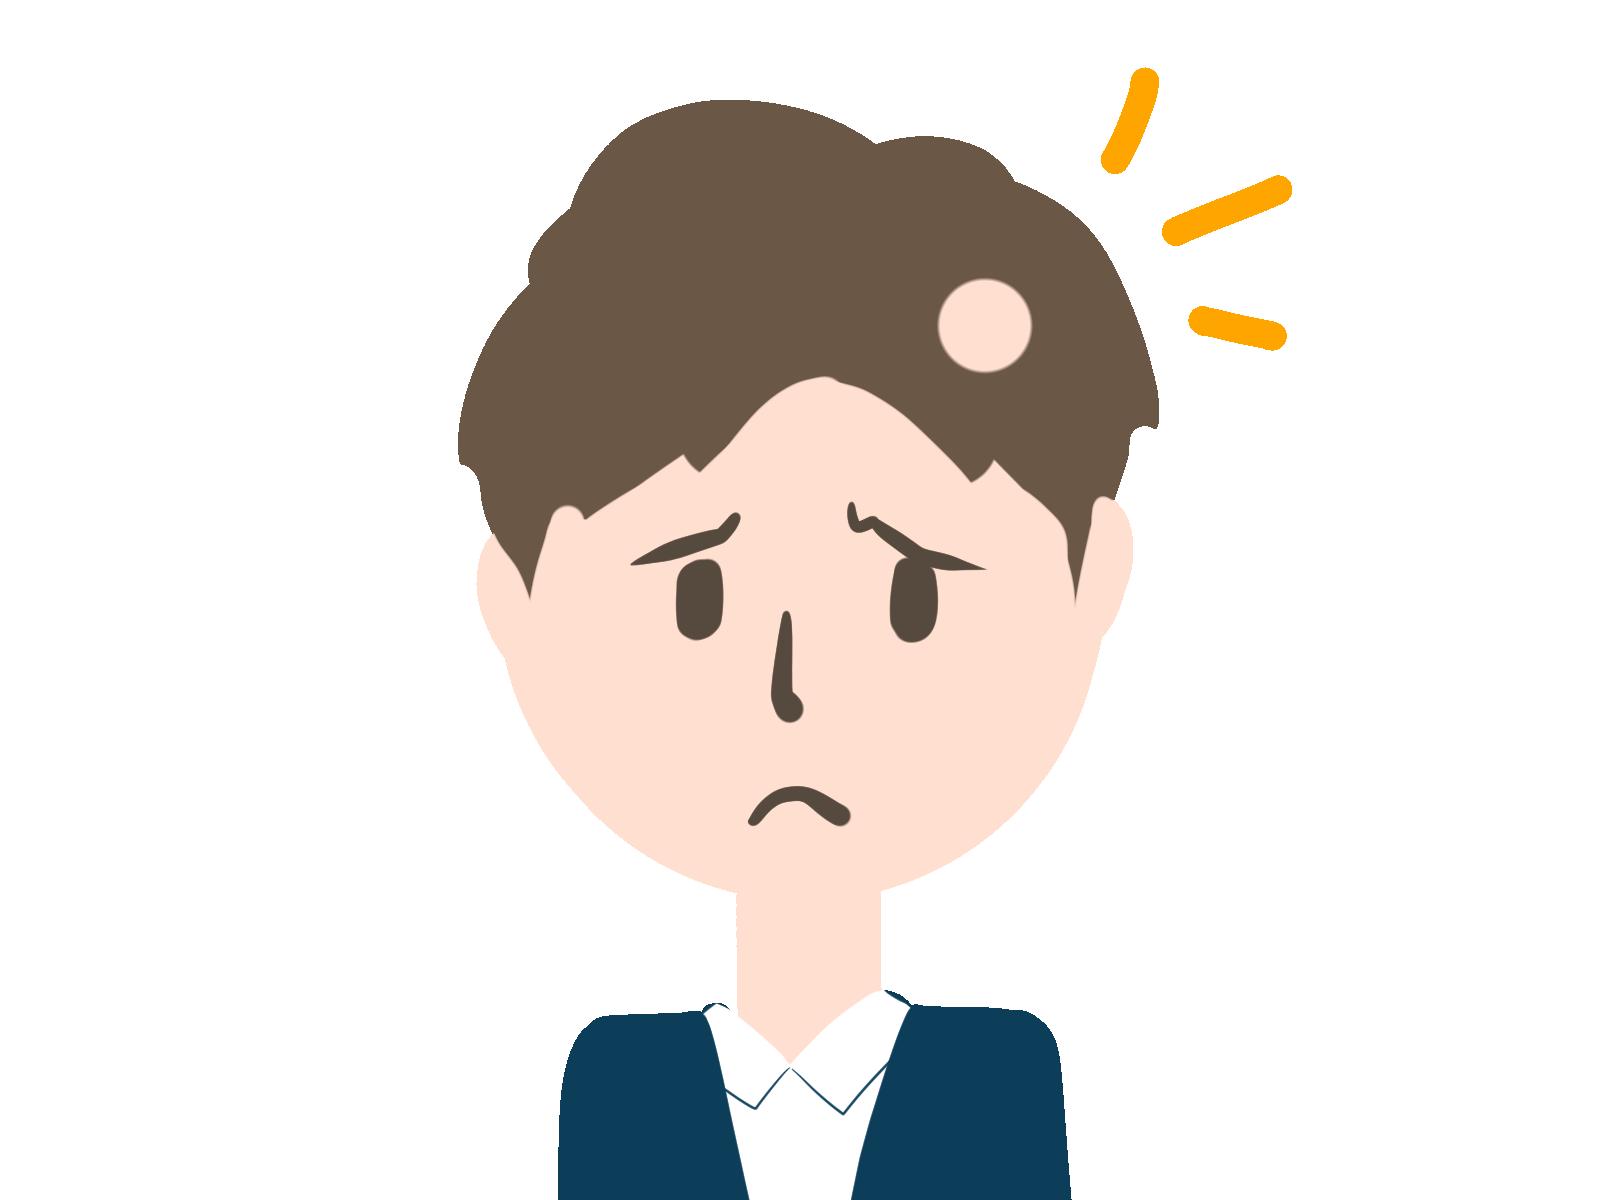 円形脱毛症とアトピー性皮膚炎は、相互に関連するか?